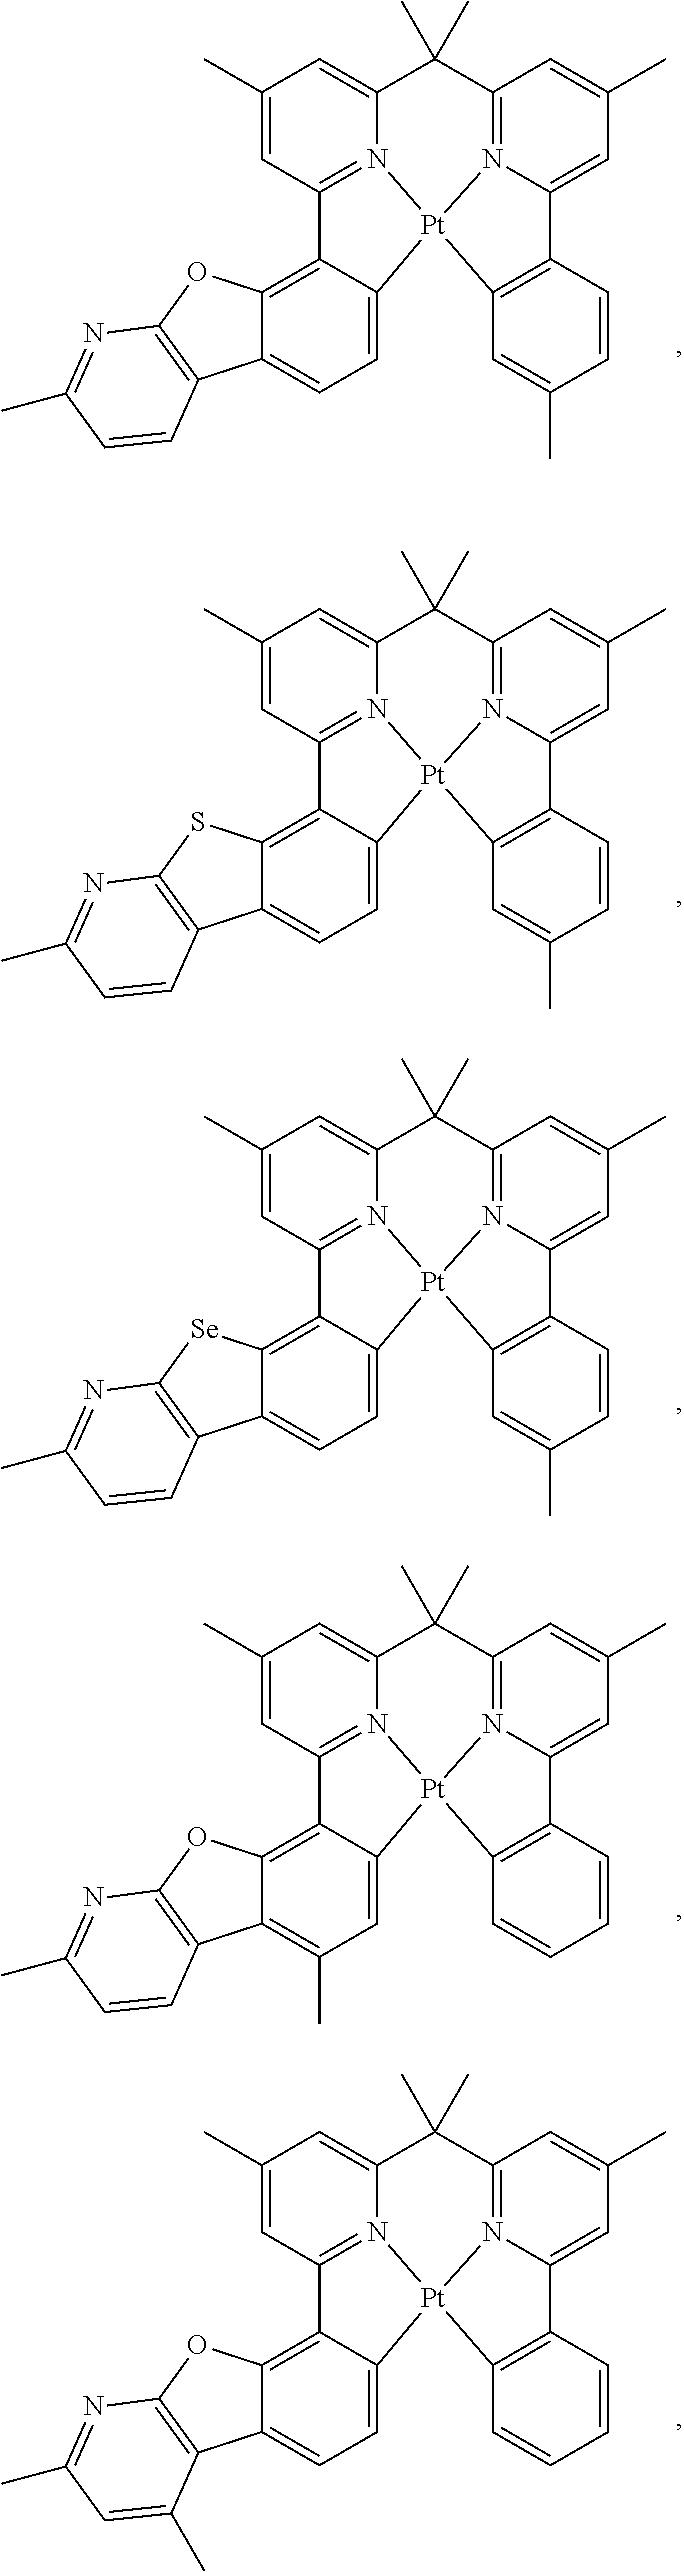 Figure US09871214-20180116-C00266